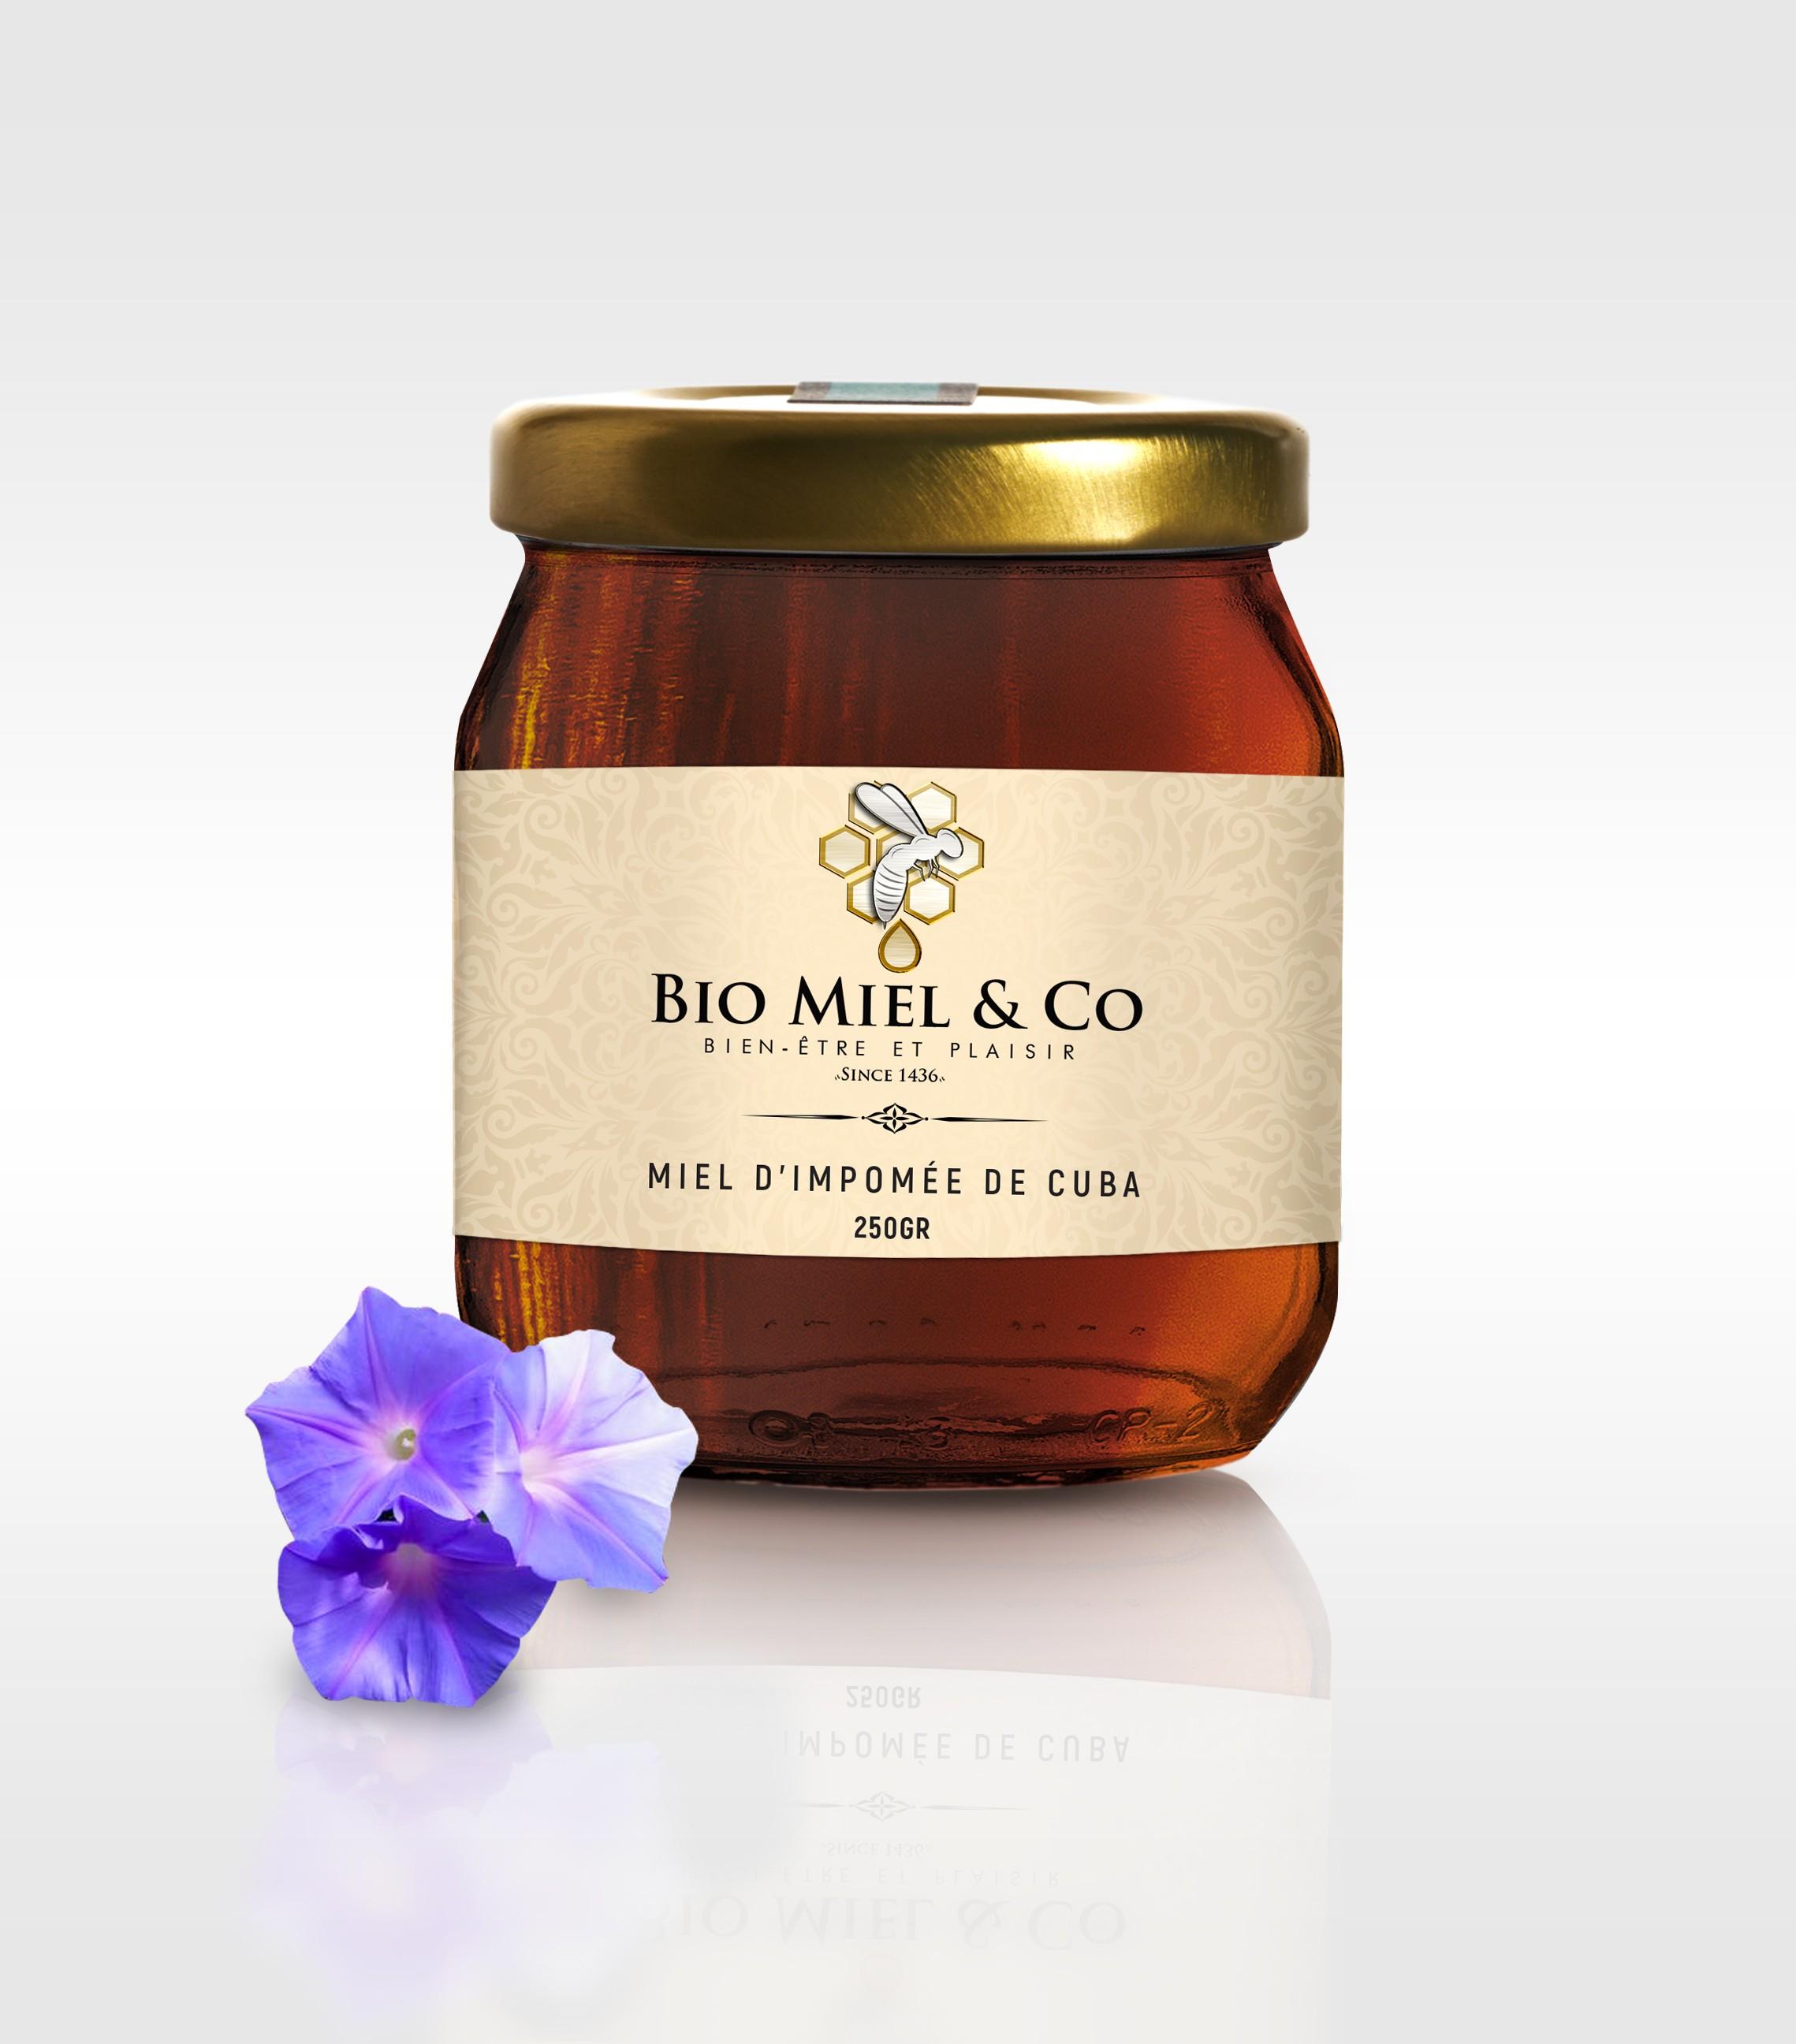 Ipomoea honey from Cuba (rare)